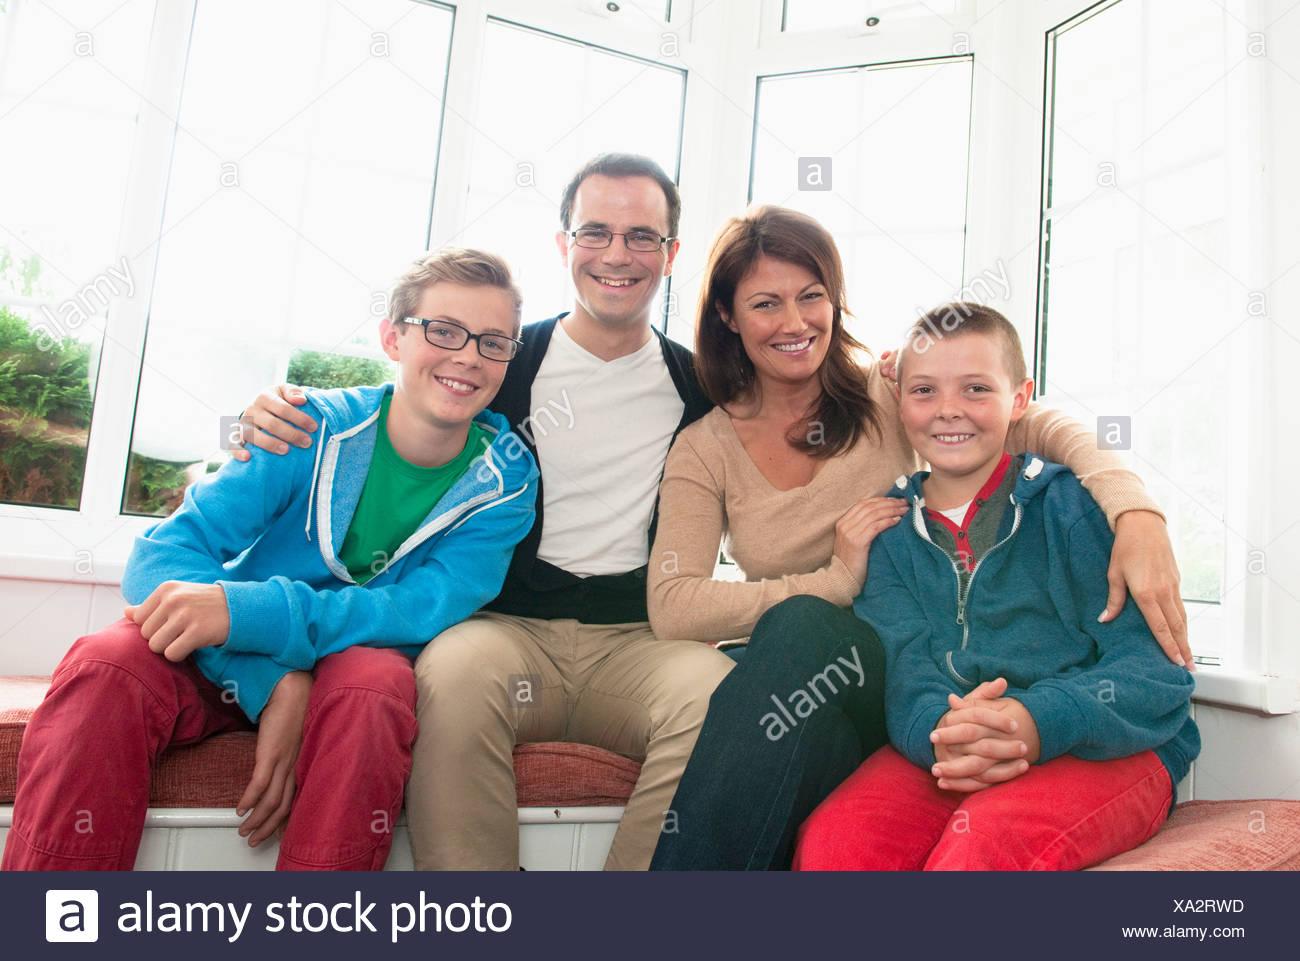 Portrait de famille en face de la fenêtre Photo Stock